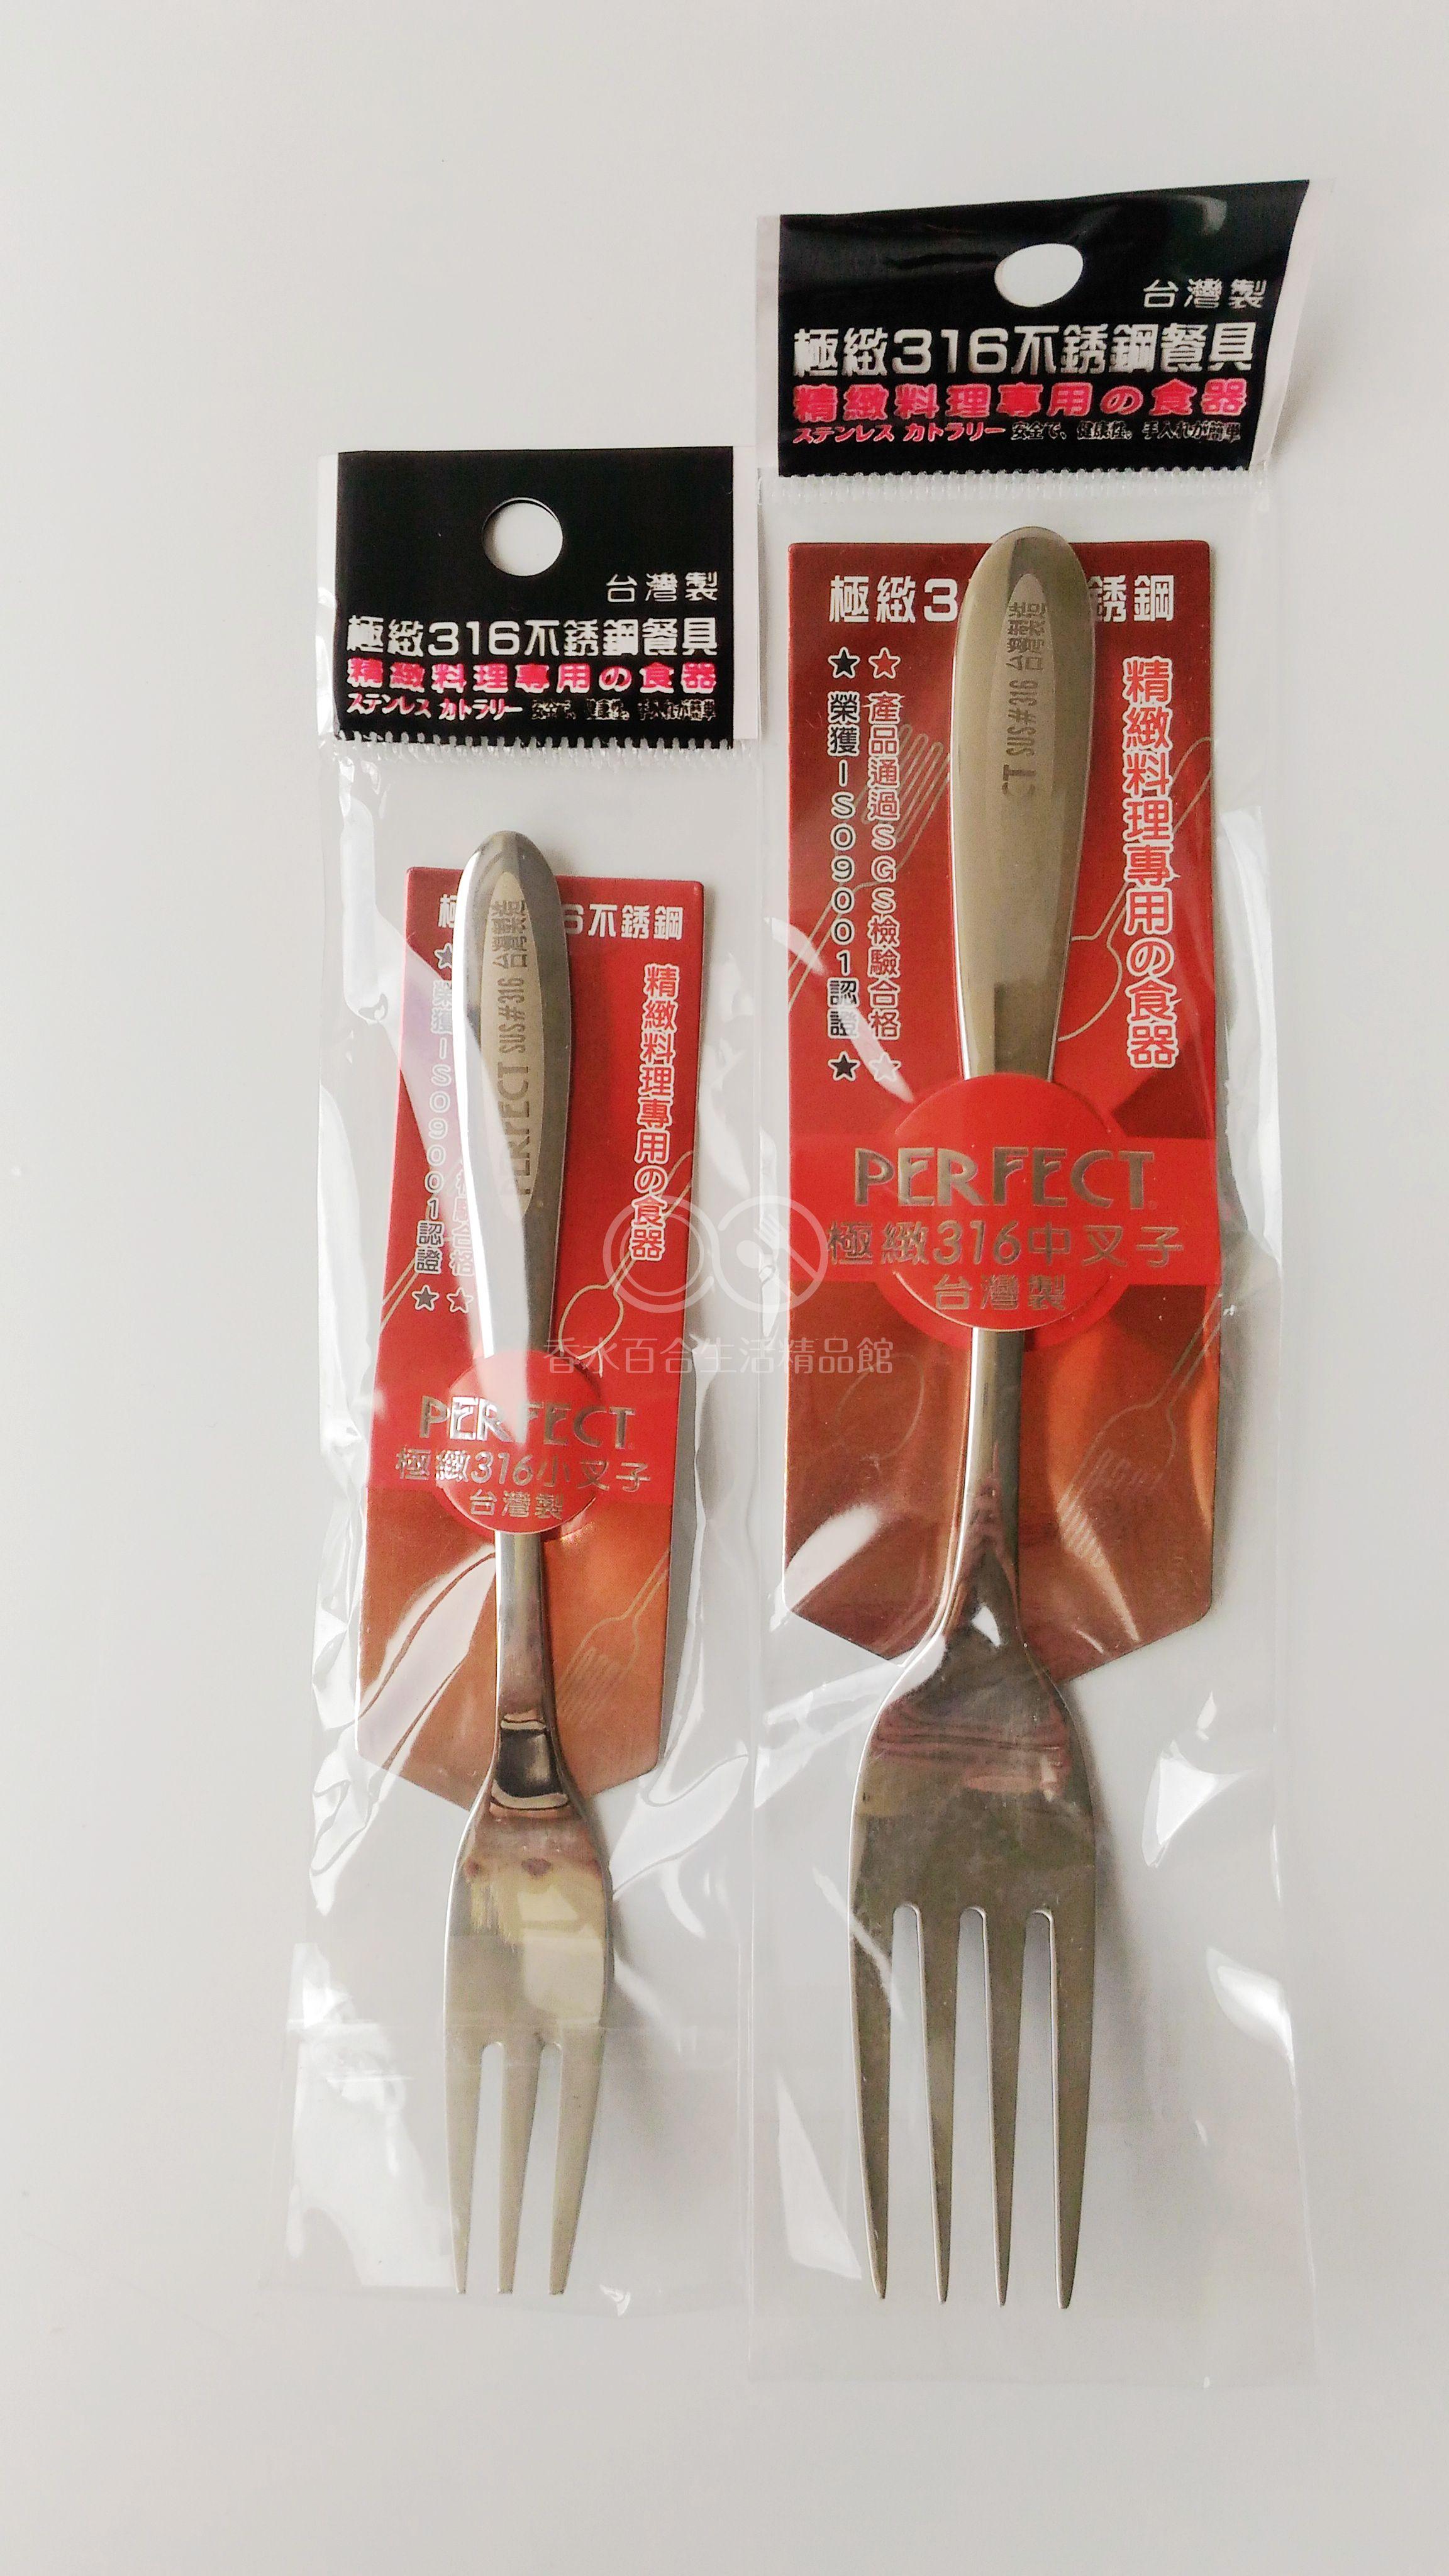 🌟現貨🌟理想Perfect極緻316小叉子 中叉子 大叉子 理想316不鏽鋼叉子 兒童叉子 水果叉 理想叉子